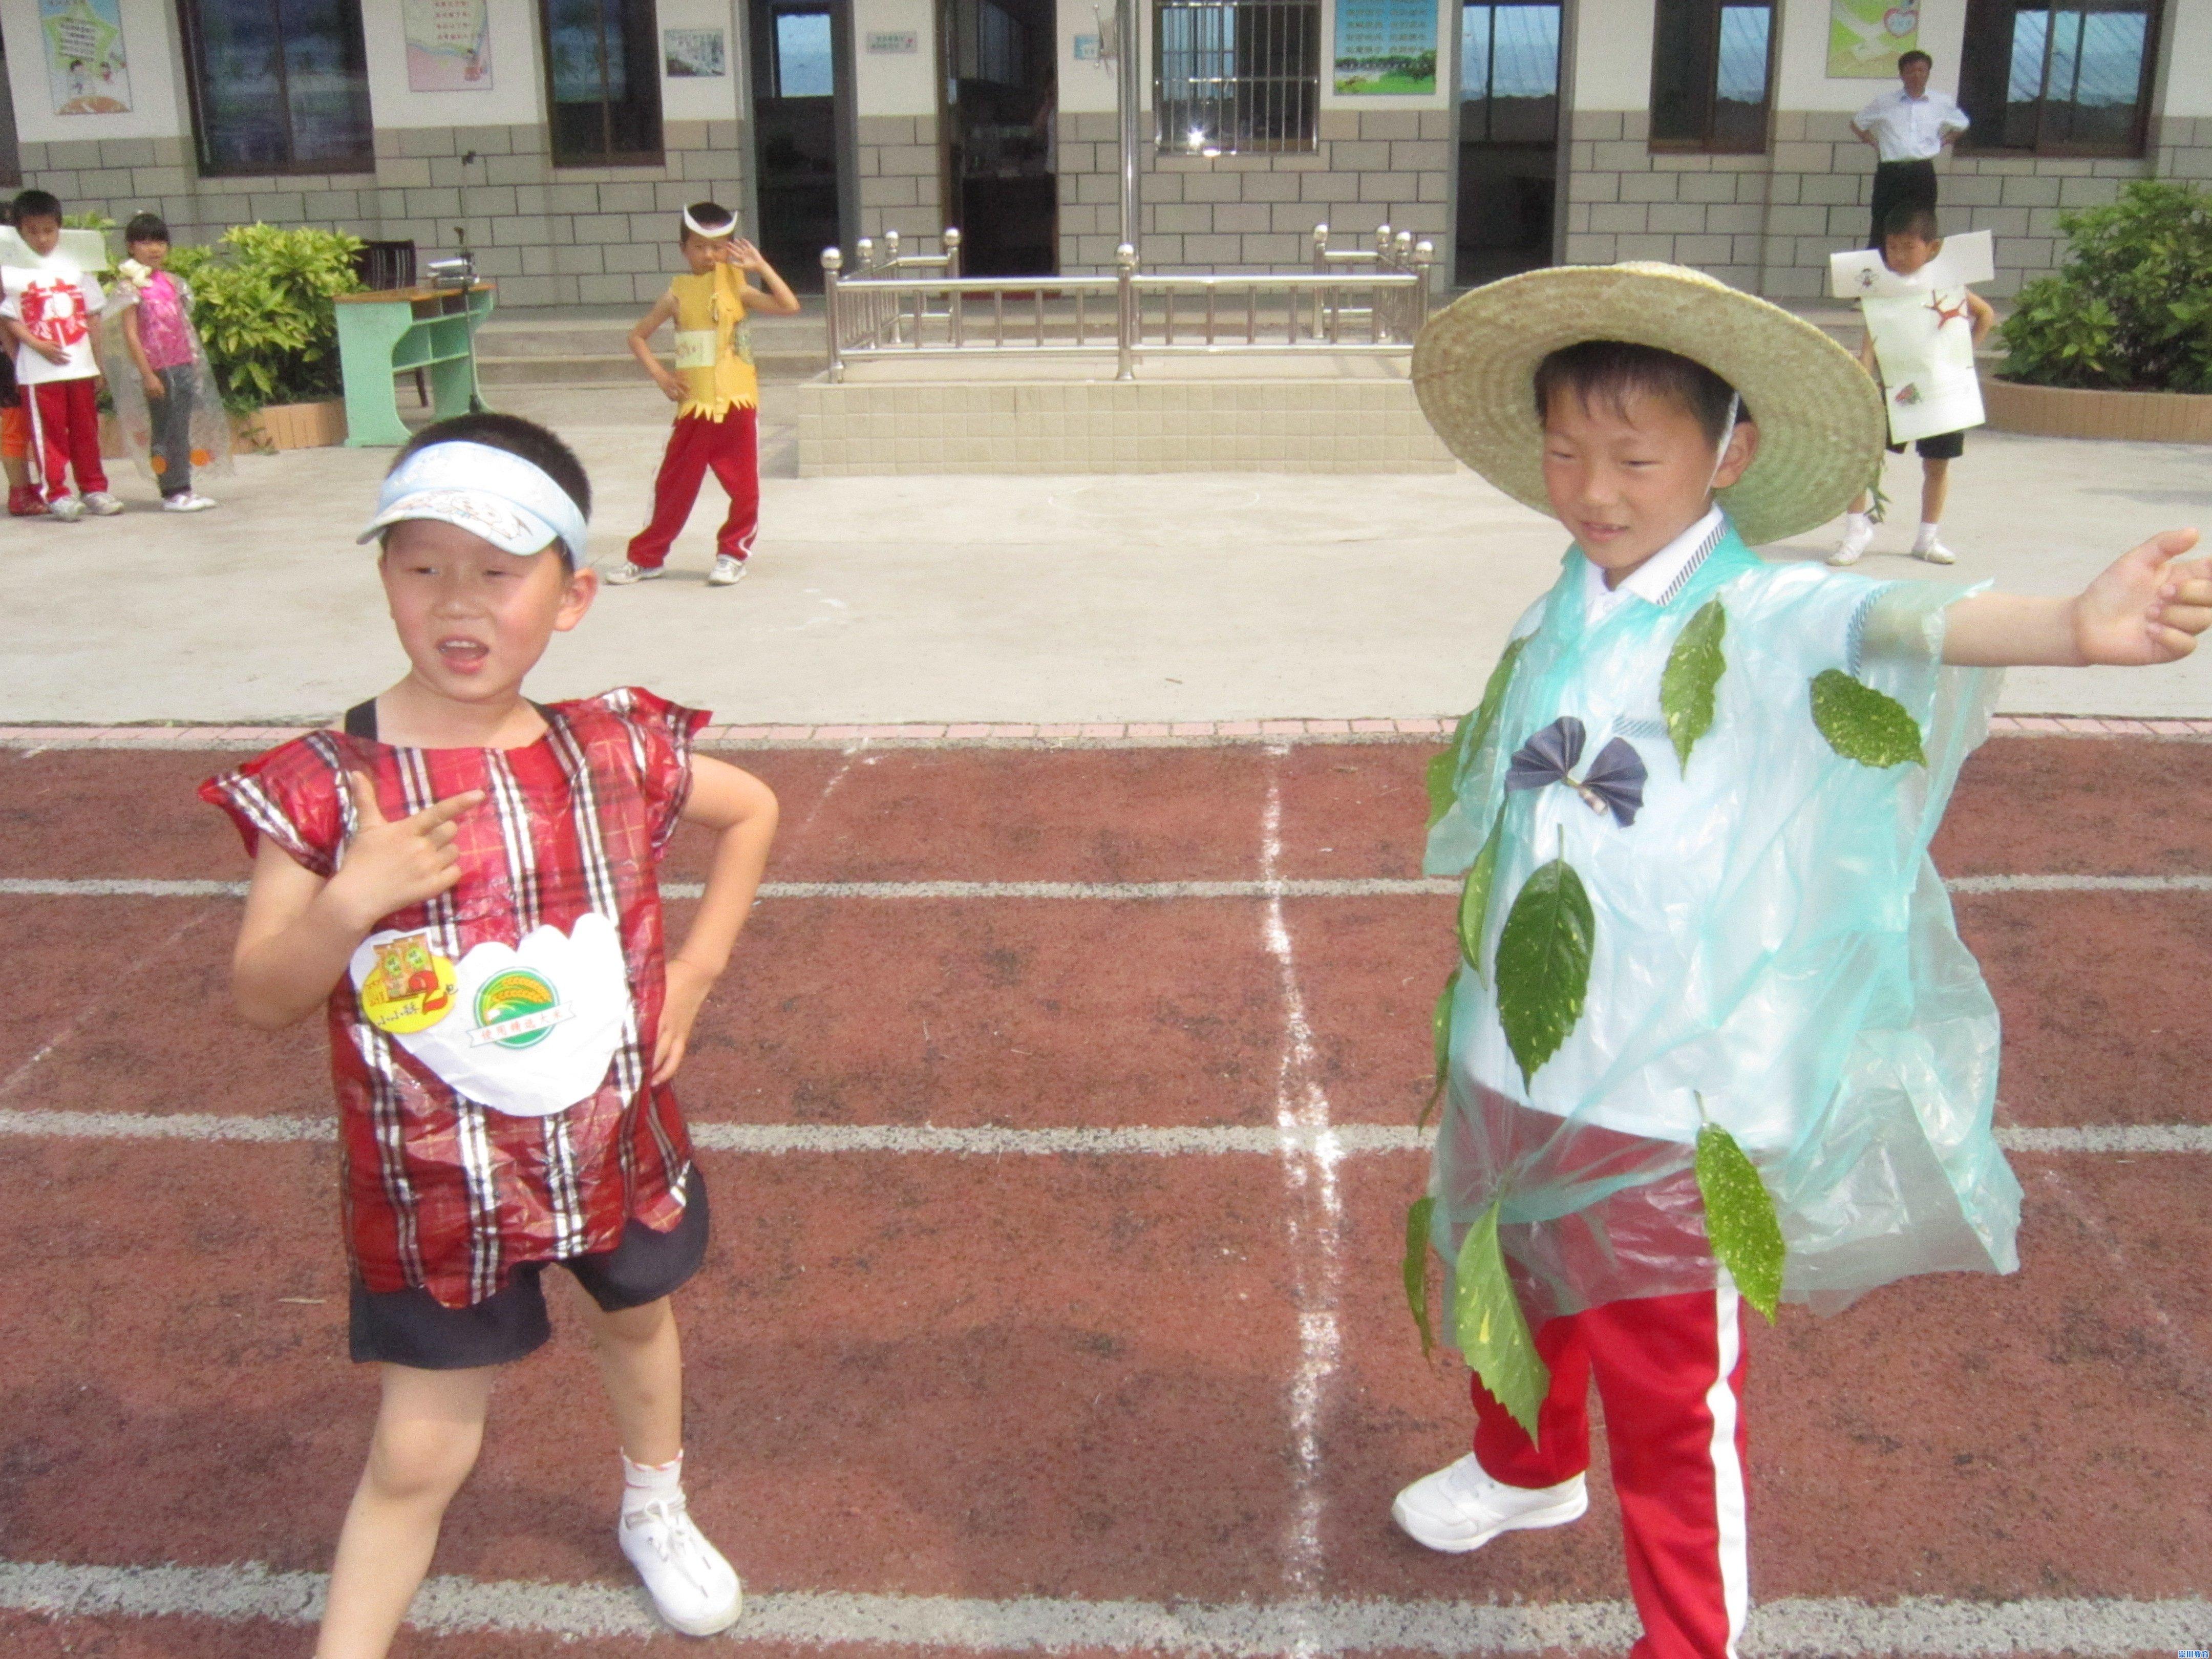 """近日,为了倡导世界环境日的教育思想,提升学生的环保意识,在钟秀小学的校园里掀起了一阵节能环保风。 这不,同学们将生活中的废弃物收集起来,发挥奇思妙想,制作出漂亮的""""时装""""。其中,包括一次性纸杯,旧光盘,使用过的拉花,塑料袋,以及包裹花束的废旧纸张等。别看这一件件服装都是废旧物品做成的,但经过老师和同学们的巧手组合、剪贴、缝制一件件时尚的服装闪亮登场,伴着动感的音乐,同学们穿着自己亲手制作的环保衣服走上T台,博得了观众的阵阵掌声。 能够制作出这些环保服饰都得益于老师与同学们平日对生活"""